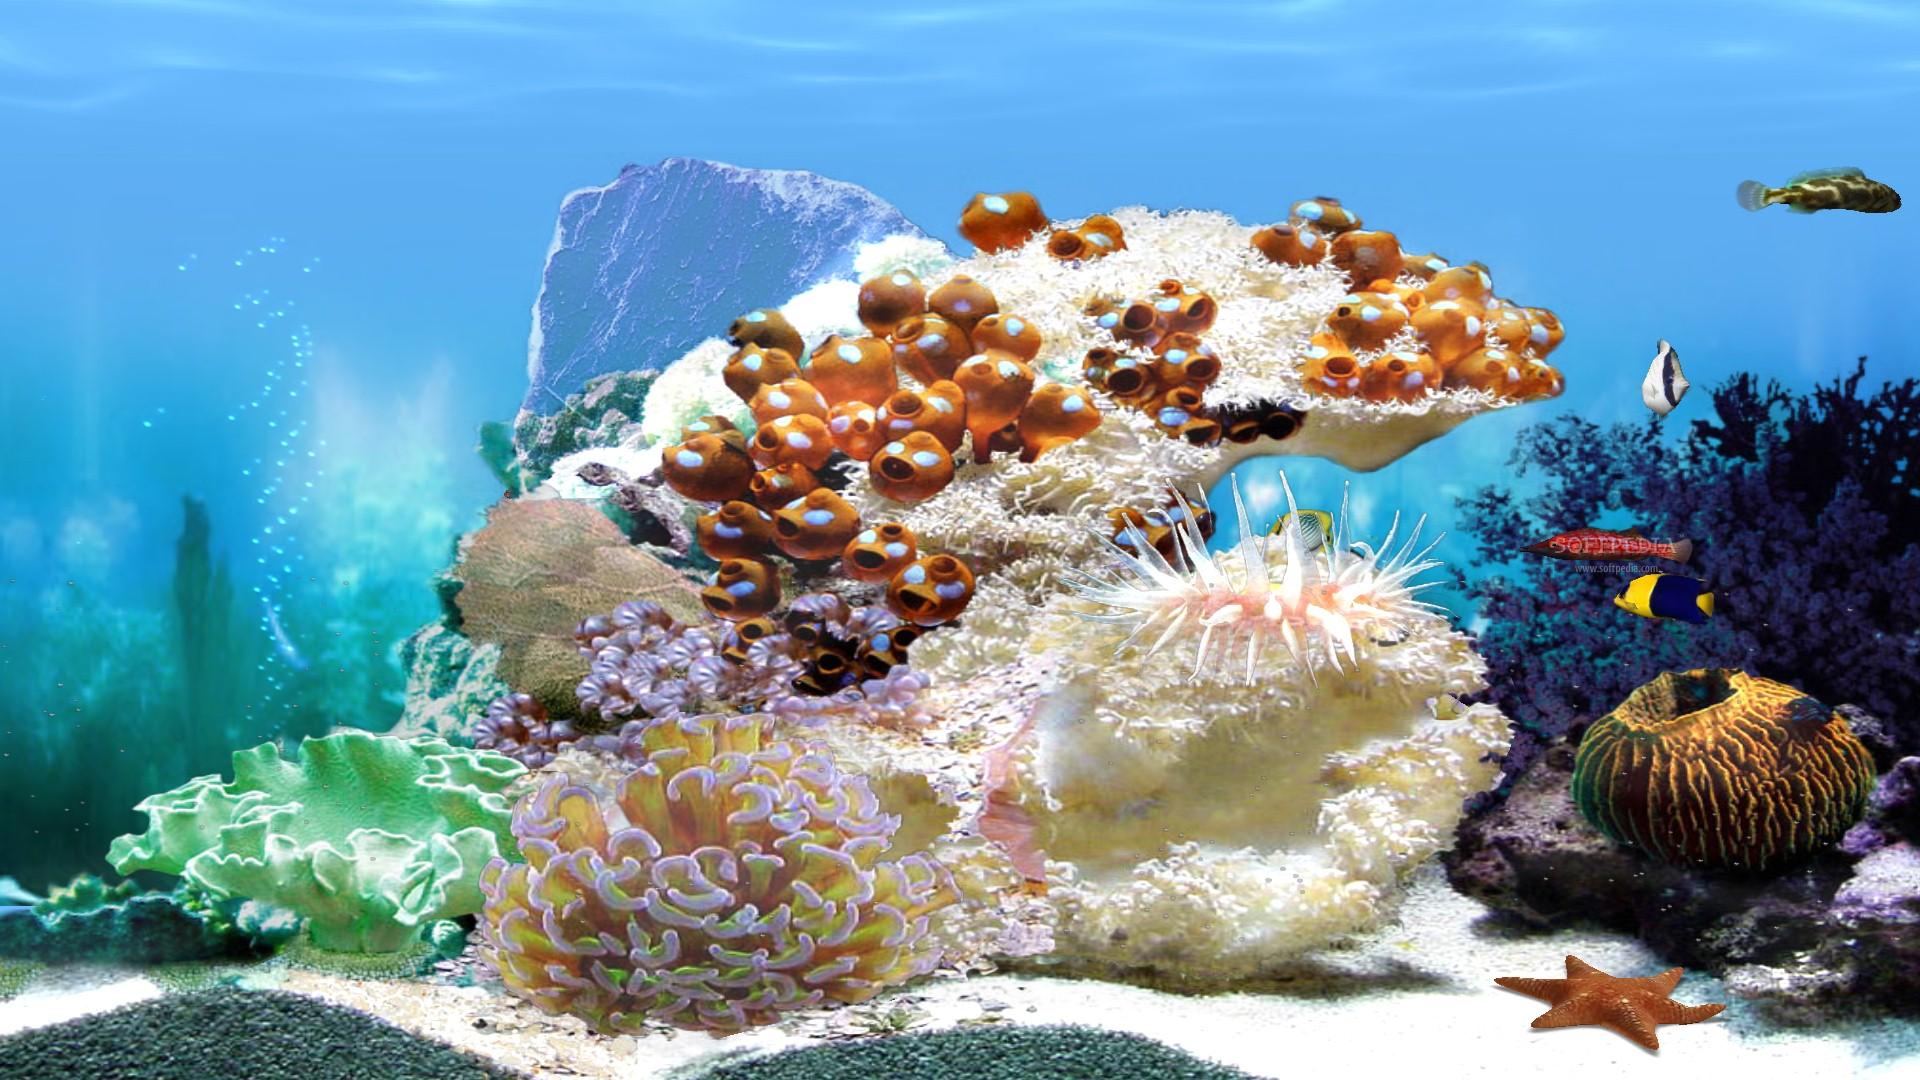 Fish aquarium screensaver -  Amazing 3d Aquarium Animated Screensaver And